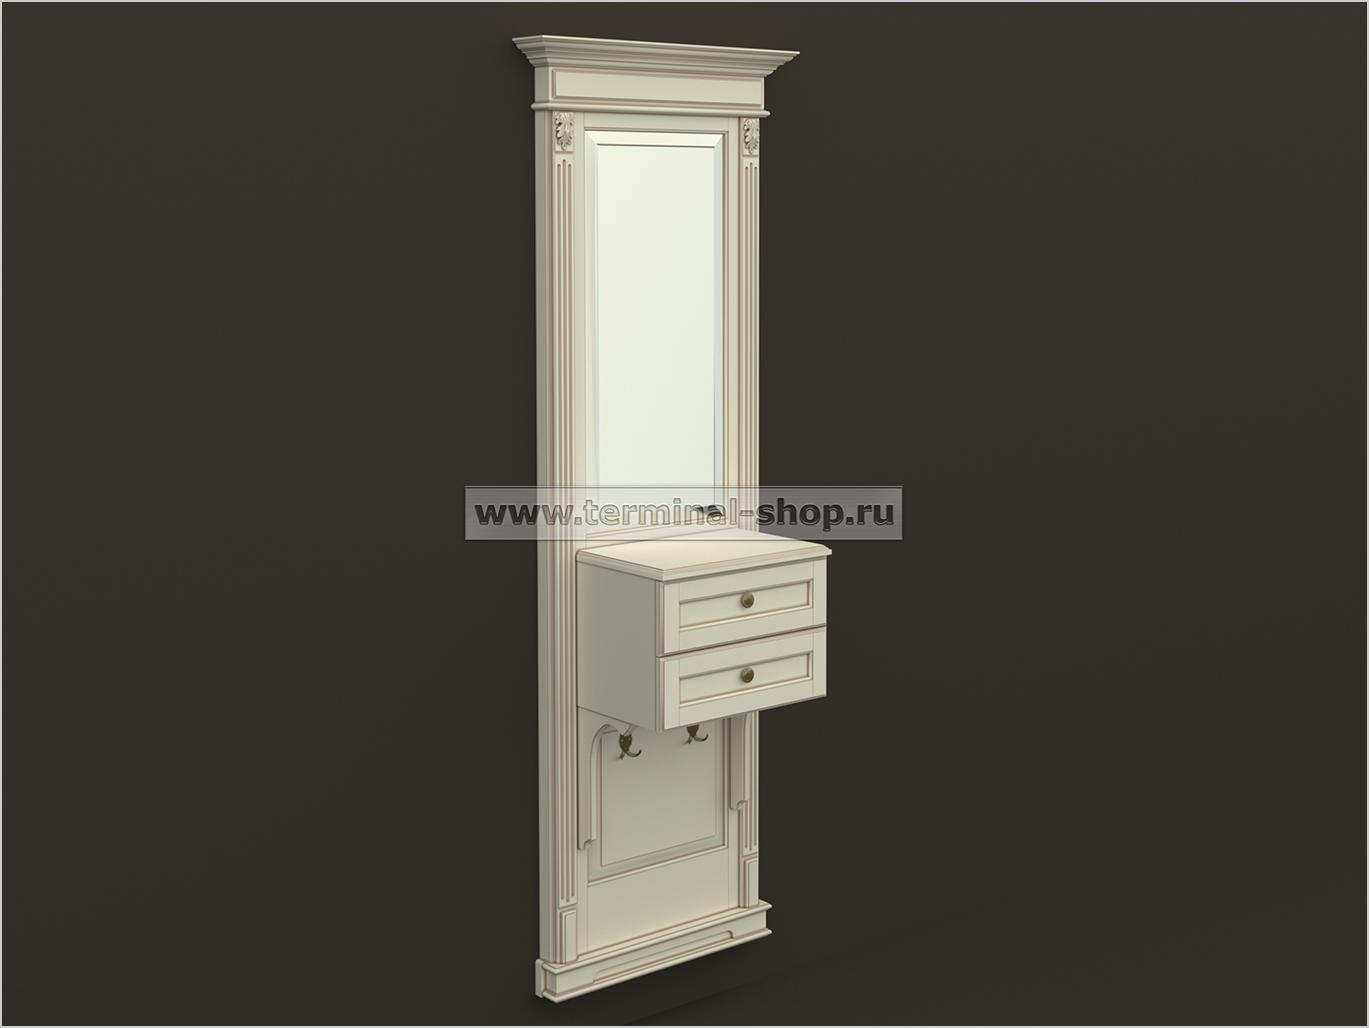 Панель-зеркало с консолью ПЗК-6/770